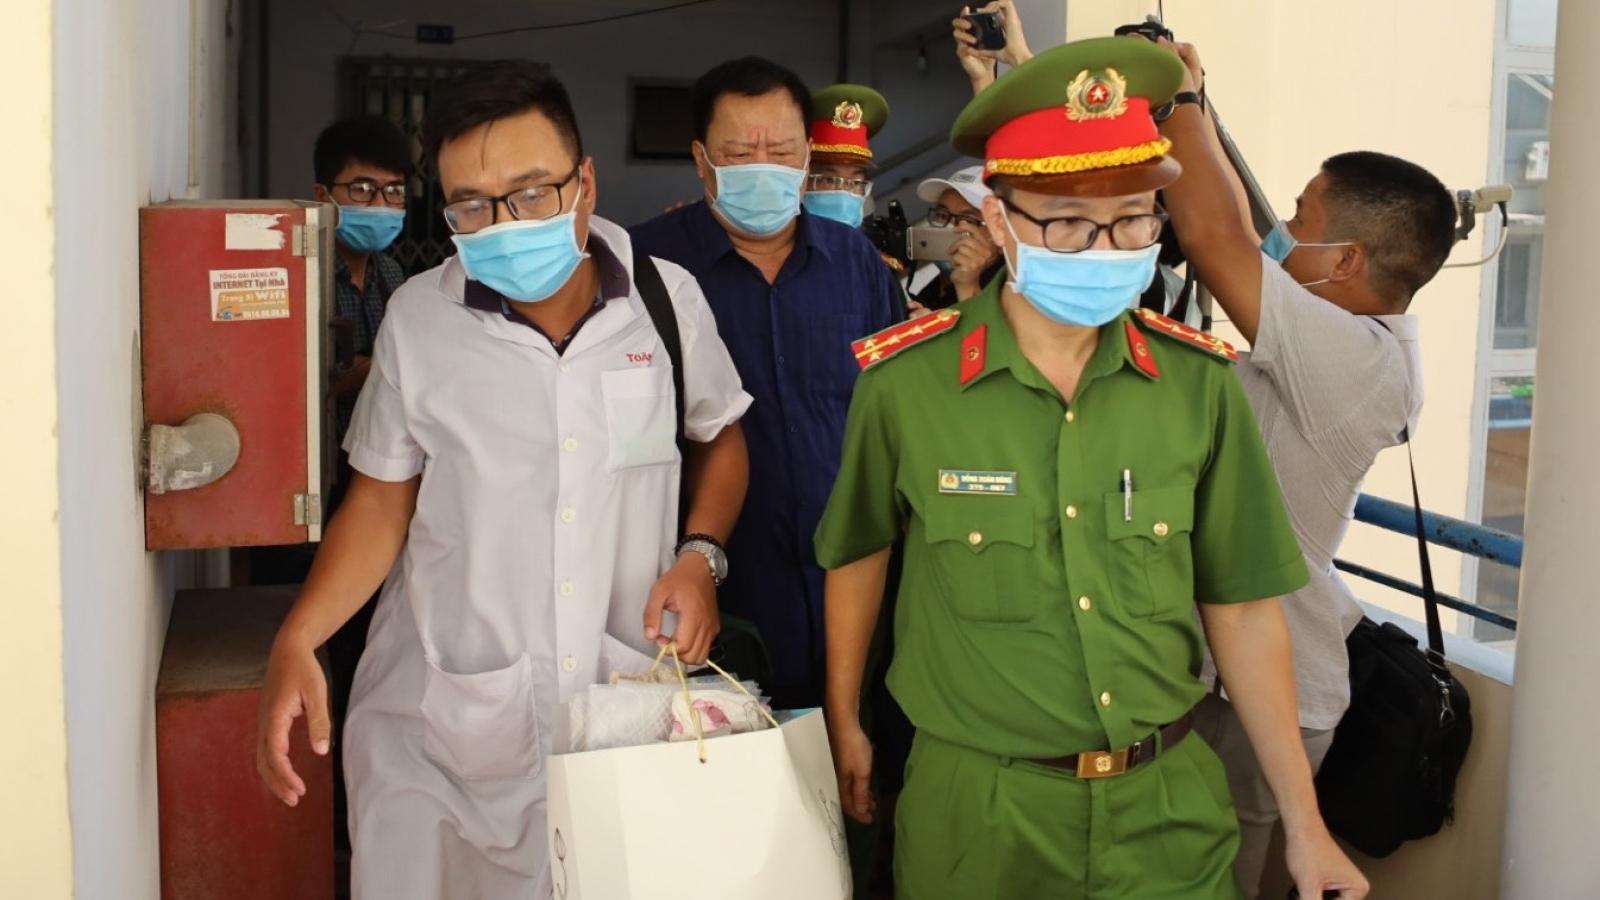 Nguyên Phó Chủ tịch UBND tỉnh Khánh Hoà Đào Công Thiên nhập viện trước khi bị bắt